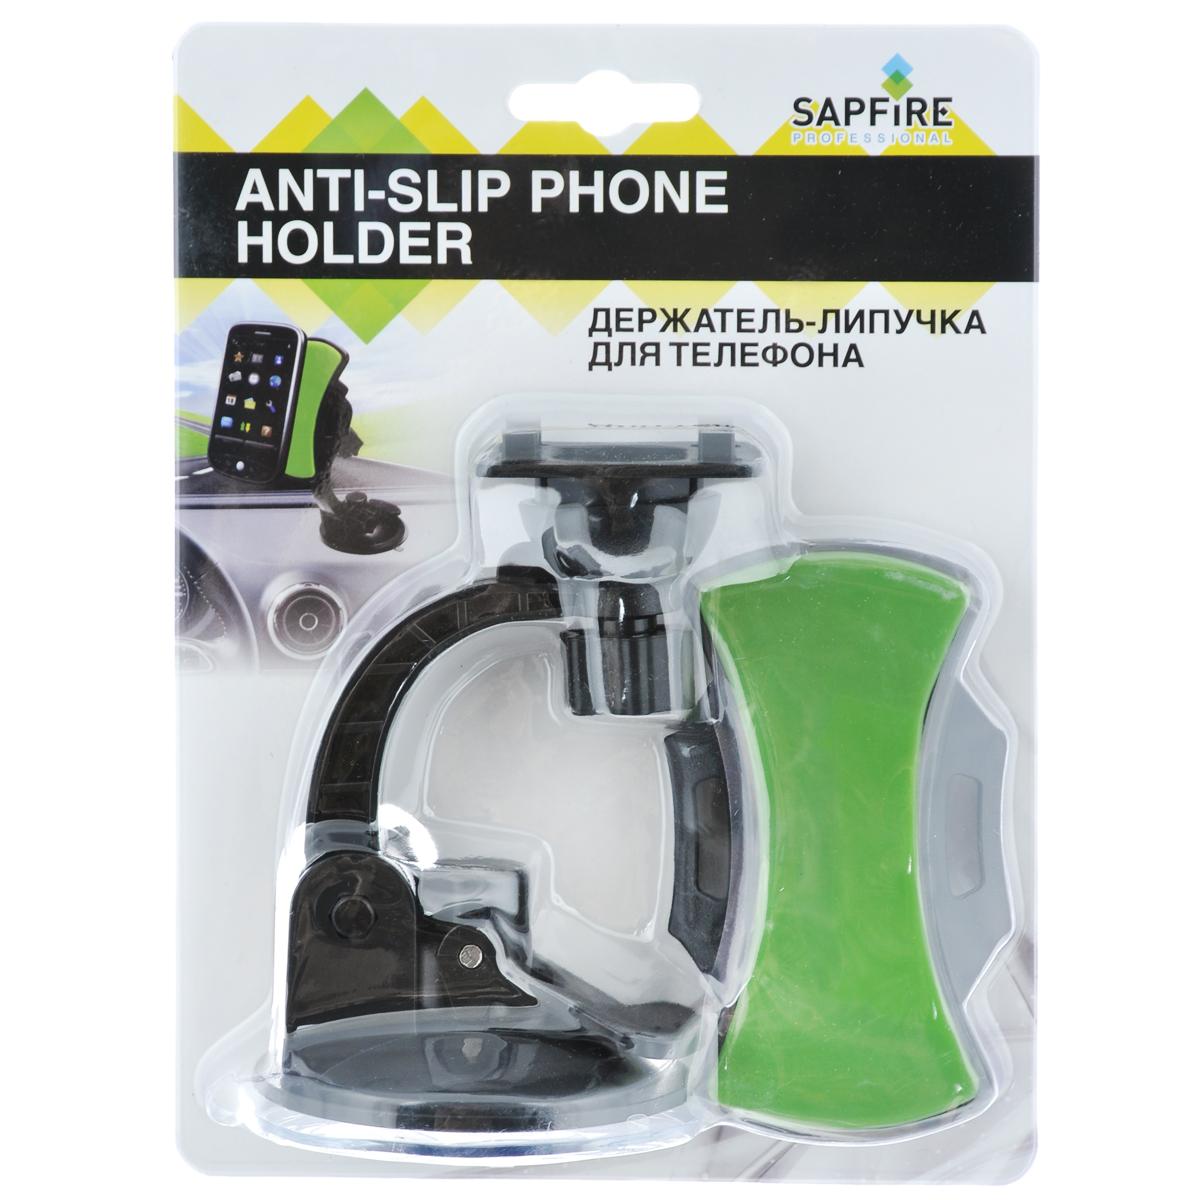 Держатель-липучка для телефона Sapfire, цвет: черный, зеленыйSCH-0419_черный, зеленыйДержатель-липучка для телефона Sapfire выполнен из ударопрочного пластика. Такой держатель - это универсальное решение для крепления мобильных телефонов. Ударопрочная противоскользящая конструкция гарантирует удобство пользования и сохранность вашего устройства. Уникальное полимерное покрытие прекрасно удерживает телефон, нужно только прислонить устройство к нему, если покрытие утрачивает липкость, его надо просто помыть водой. Поворотный механизм на 360° позволяет устанавливать наиболее удобный угол использования. Вакуумный зажим присосок крепится к любой гладкой поверхности: стеклянной, пластиковой или металлической. Диаметр основания держателя: 7 см. Размер липучки: 4,5 см х 9 см.